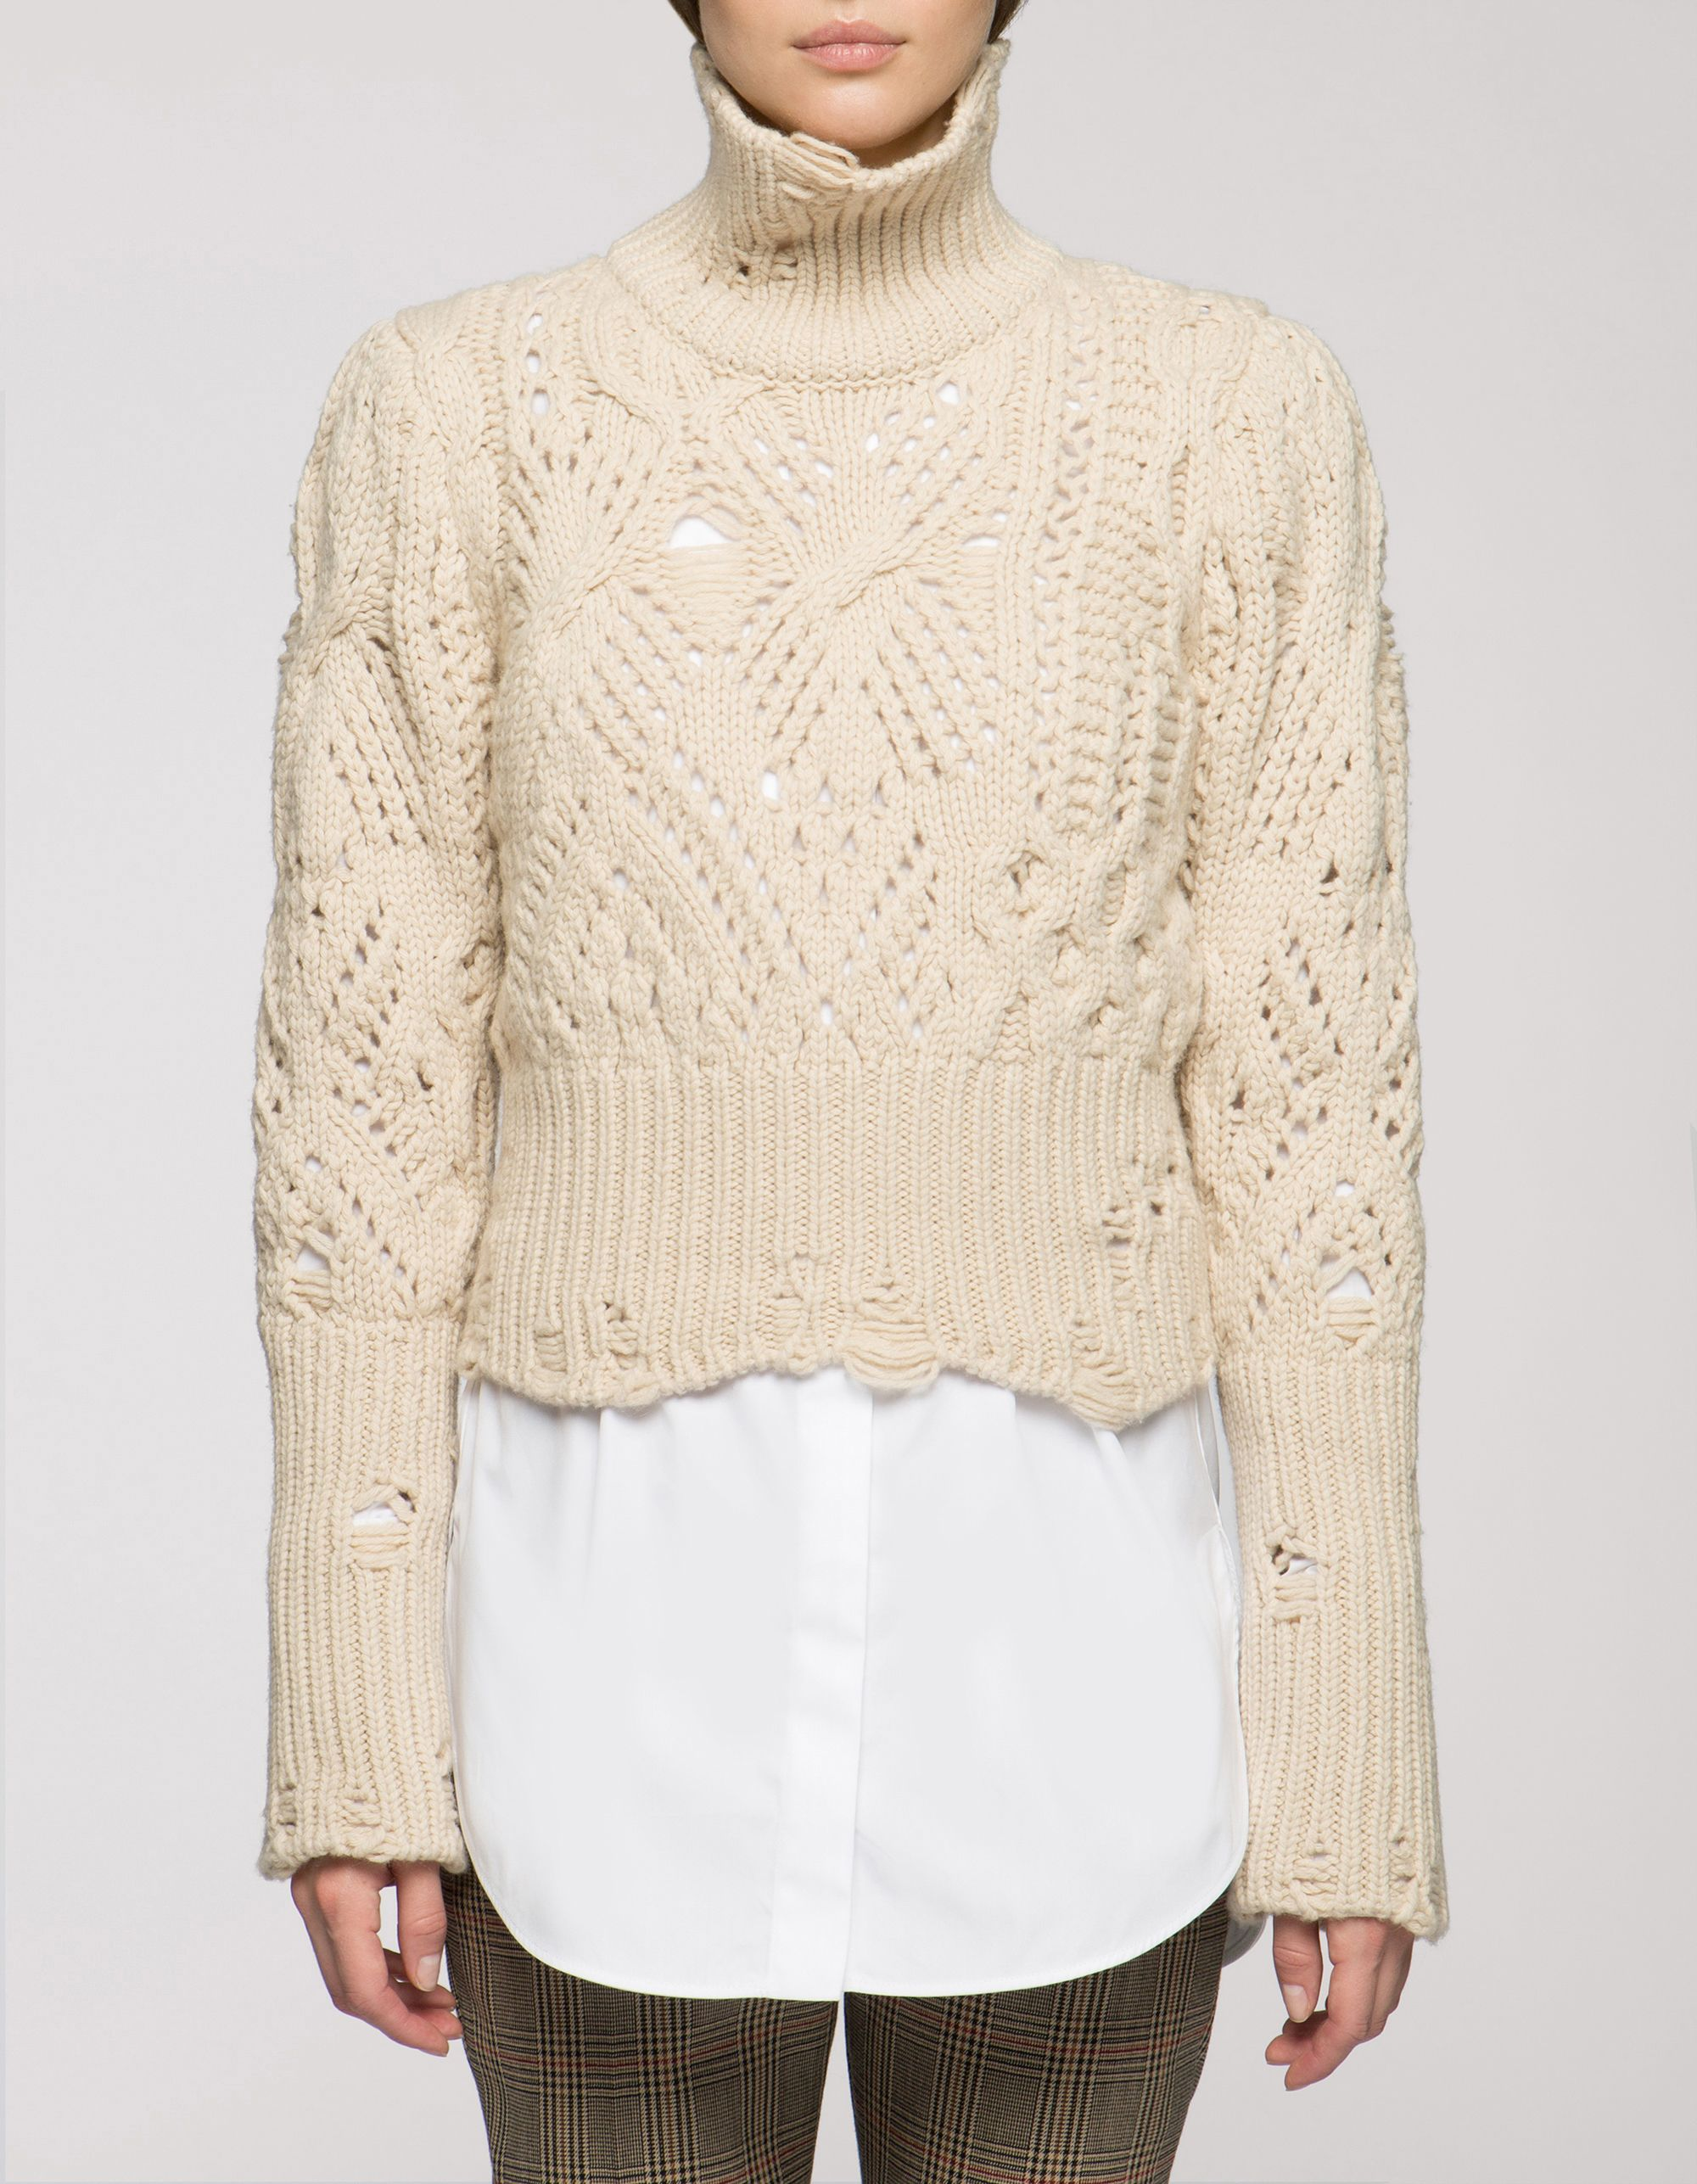 brand new 42cd6 26167 Maglione cropped in lana e cachemire - Maglieria Donna ...